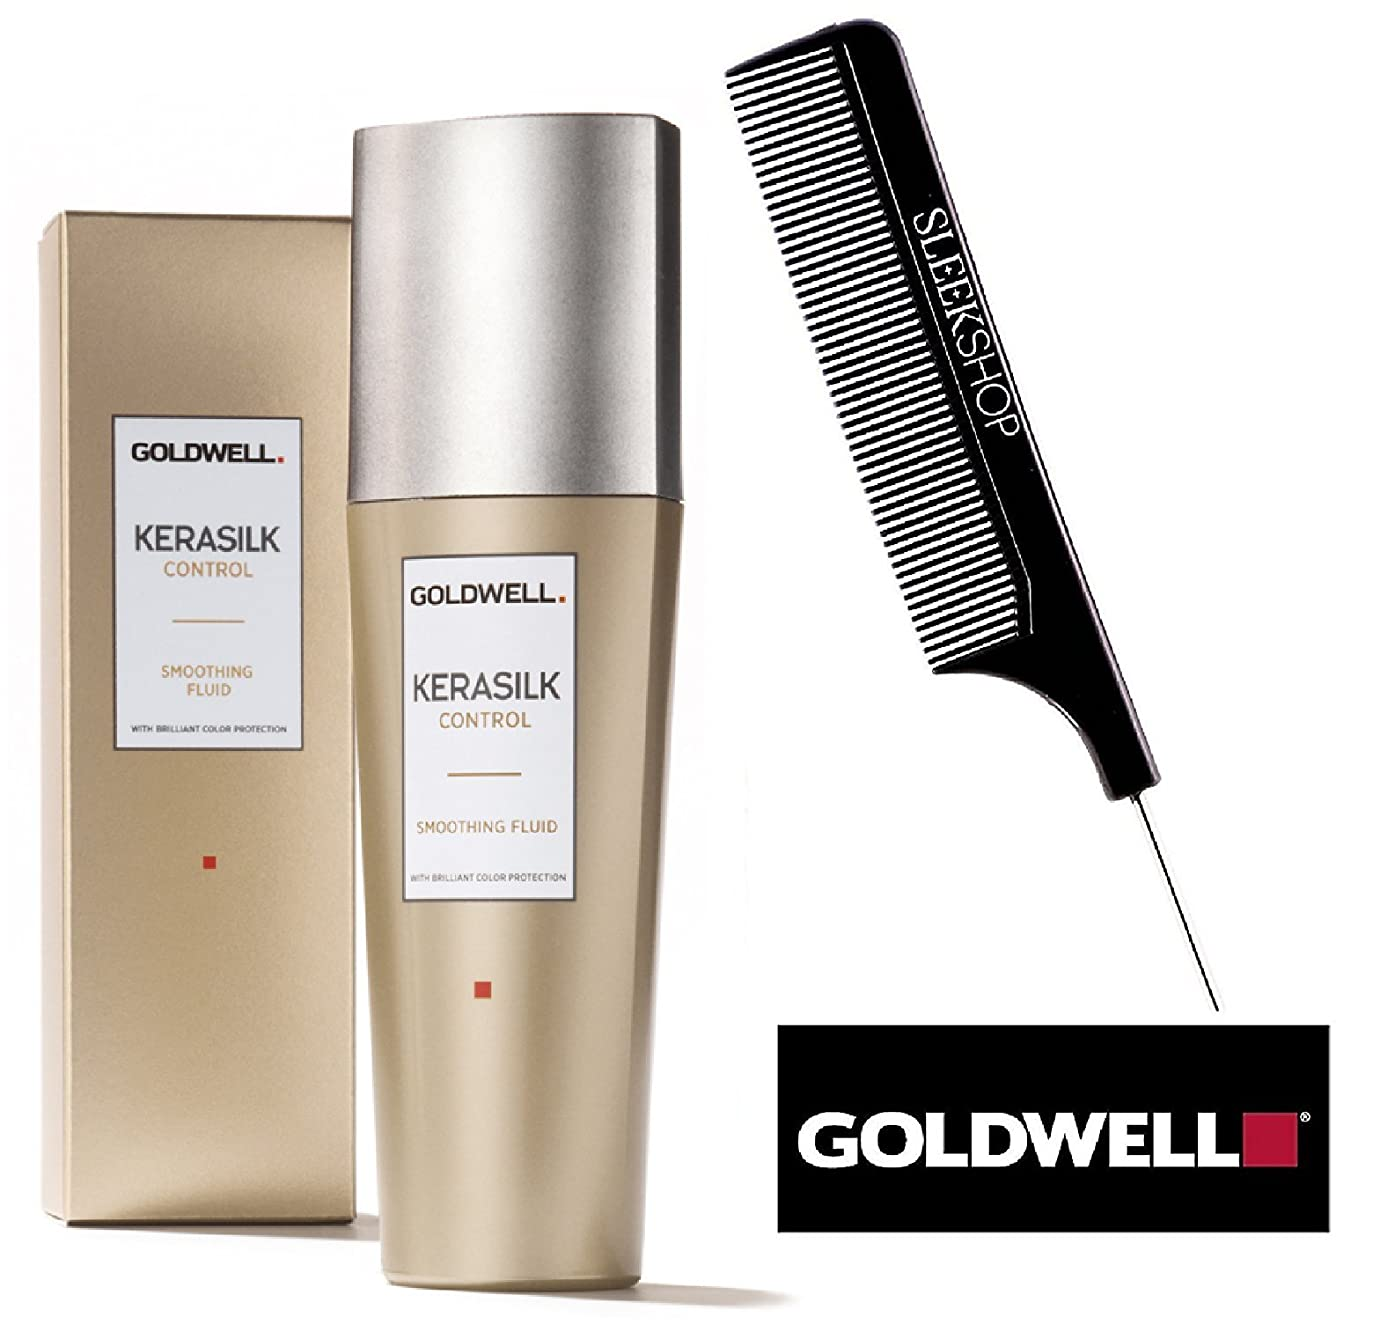 つかの間見積りおなじみのGoldwell (なめらかなスチールピンテールくし付き)鮮やかな色保護をKerasilk CONTROLスムージングフルイド 2.5オンス/ 75ミリリットル